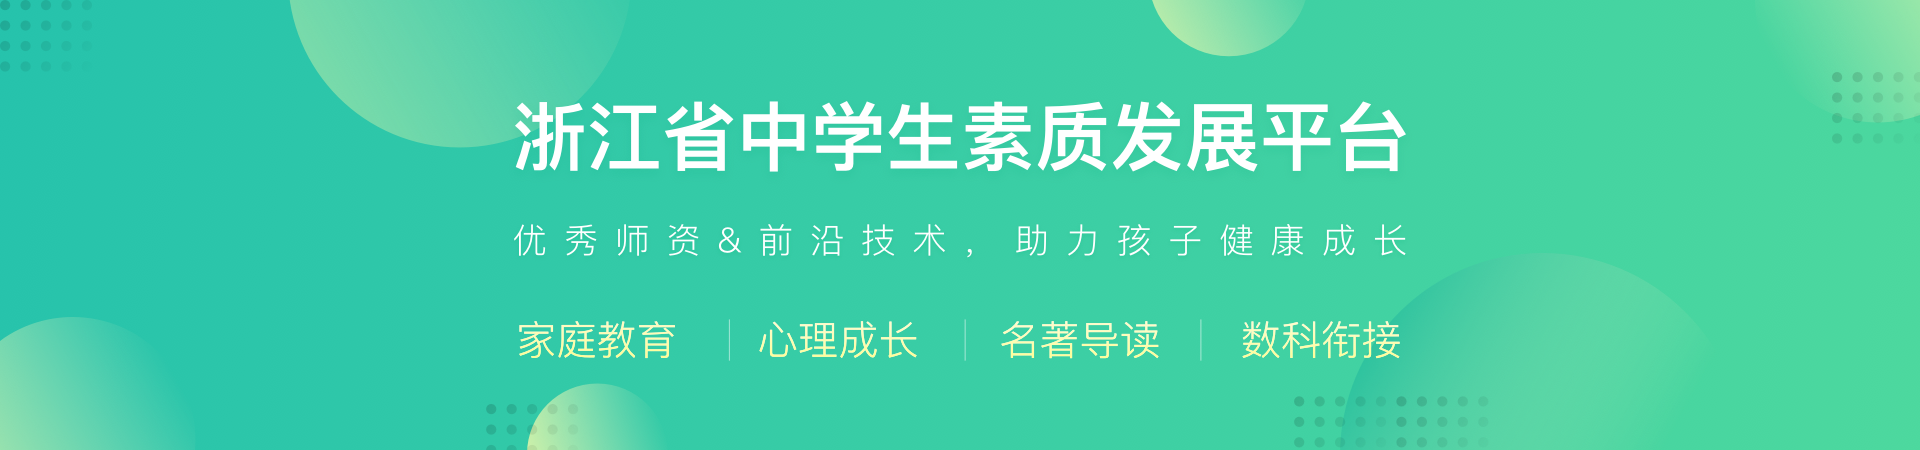 素质平台轮播banner